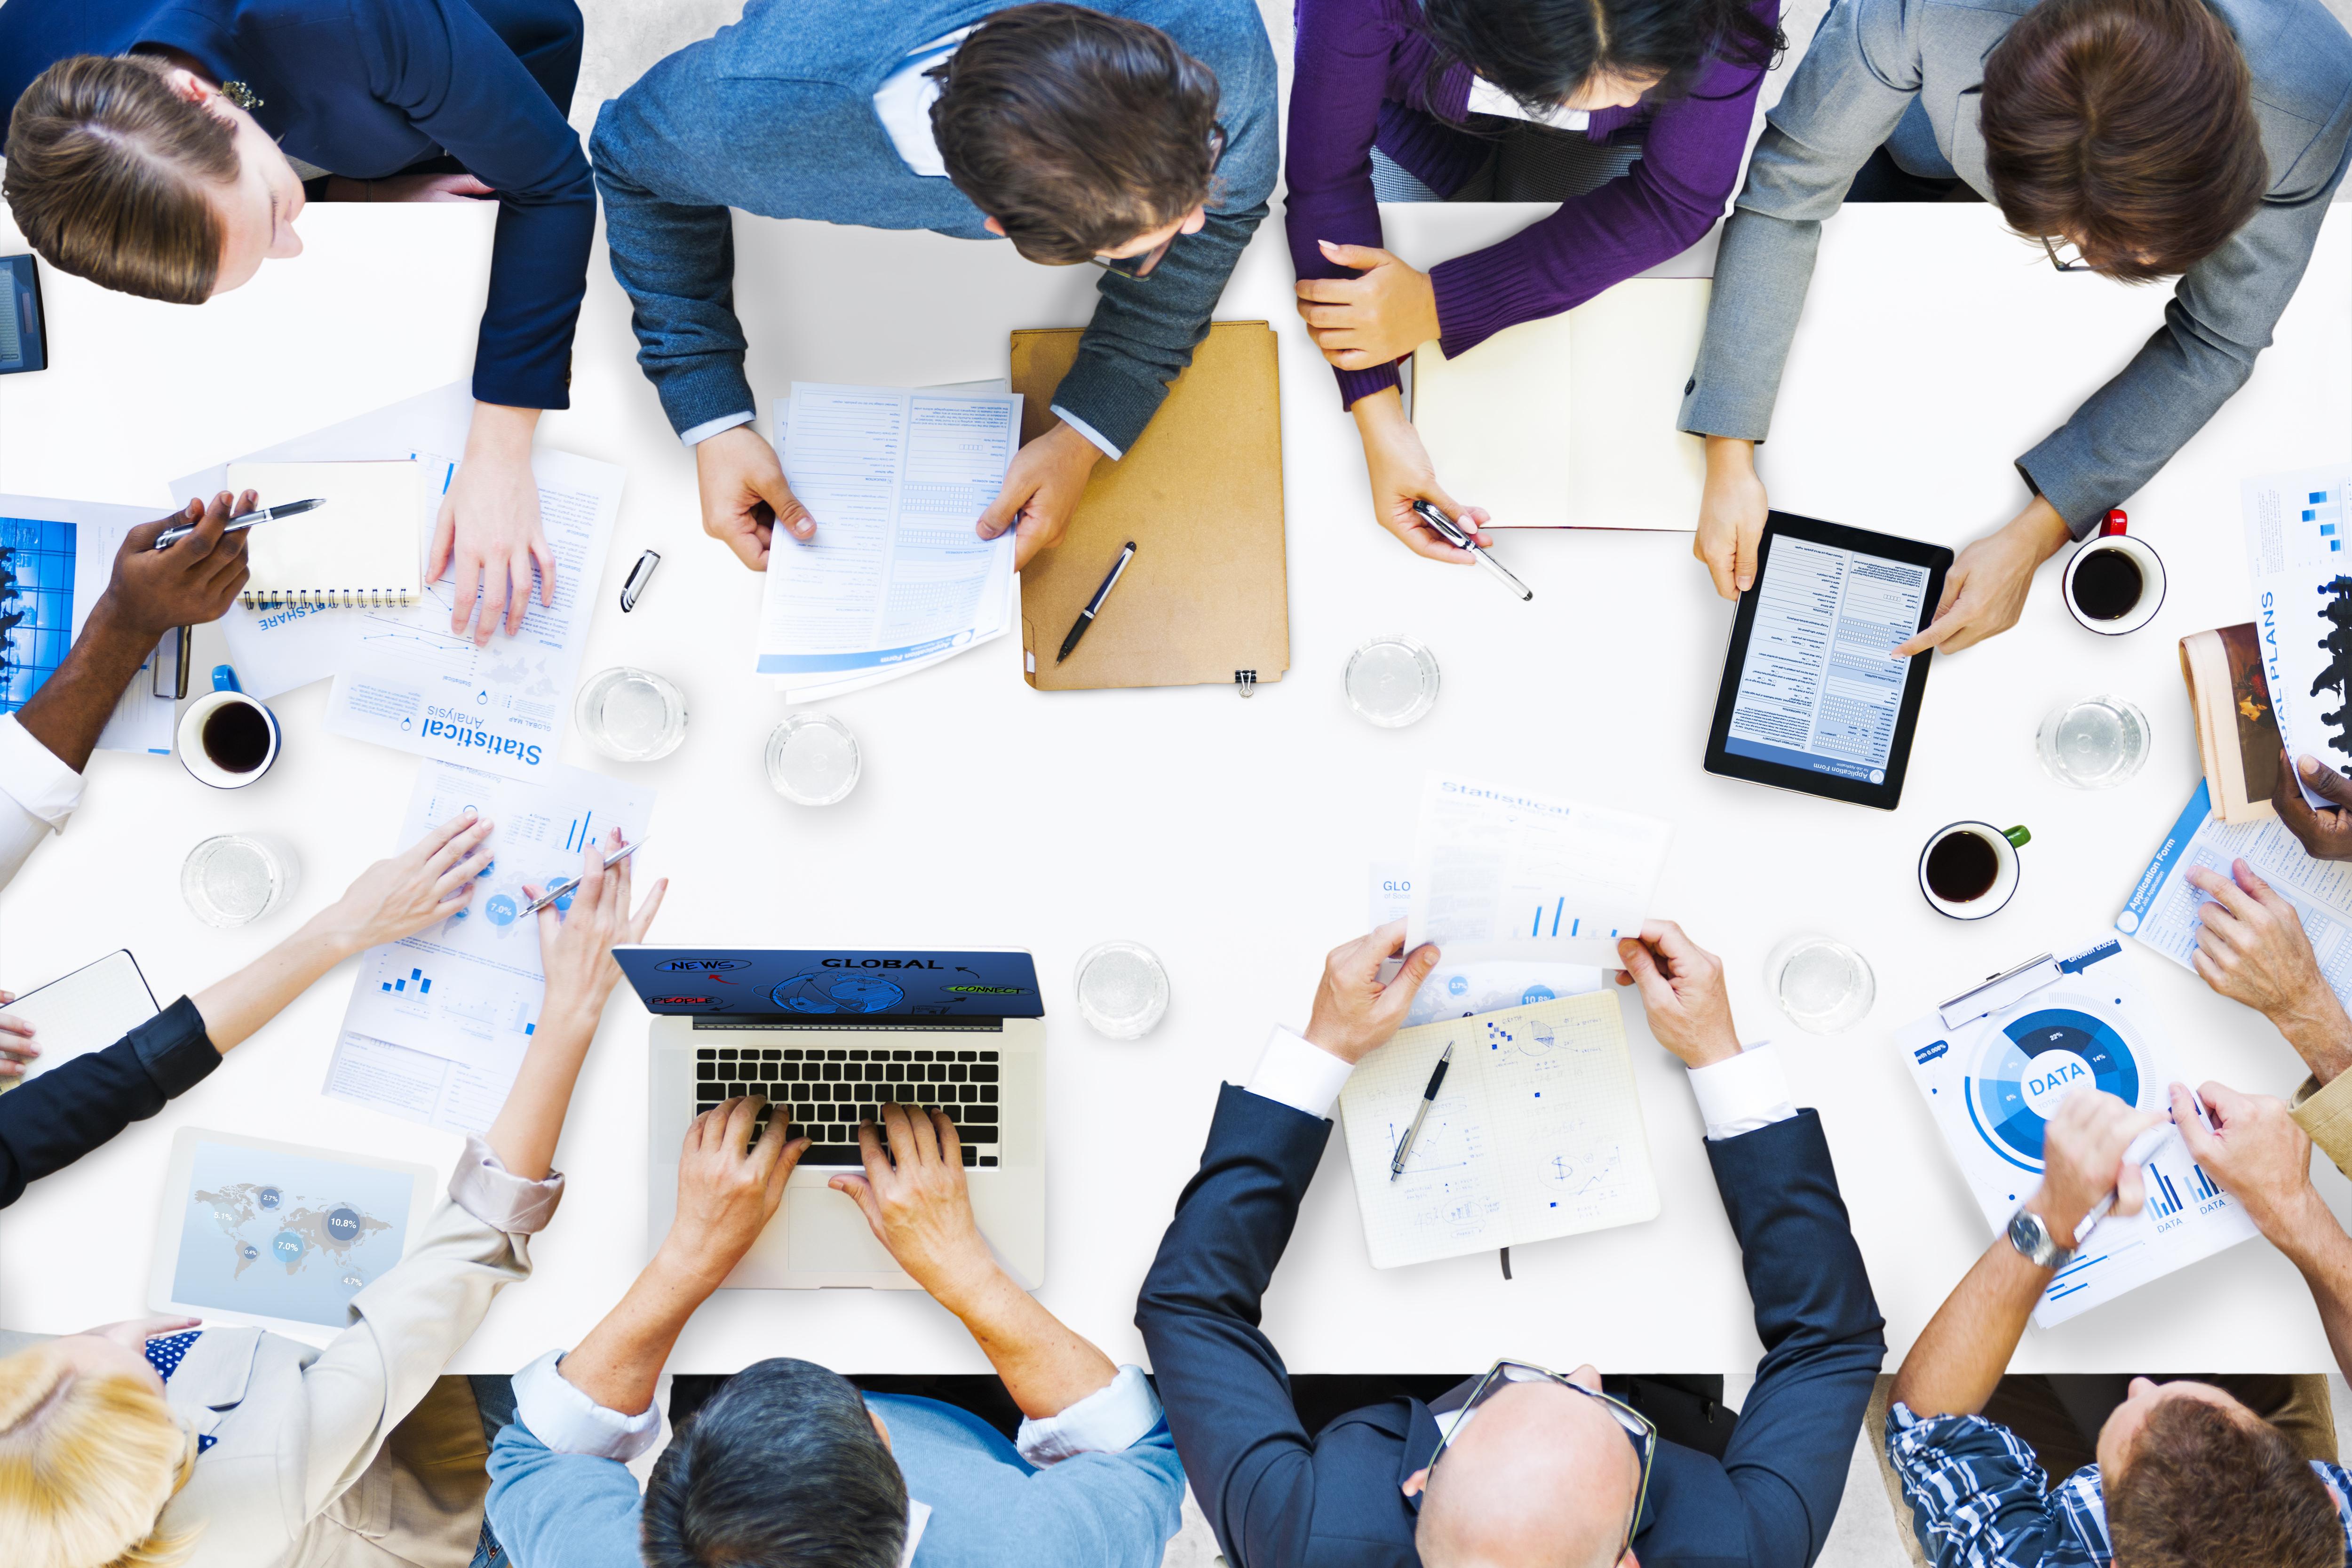 Case Study – Management Training 2